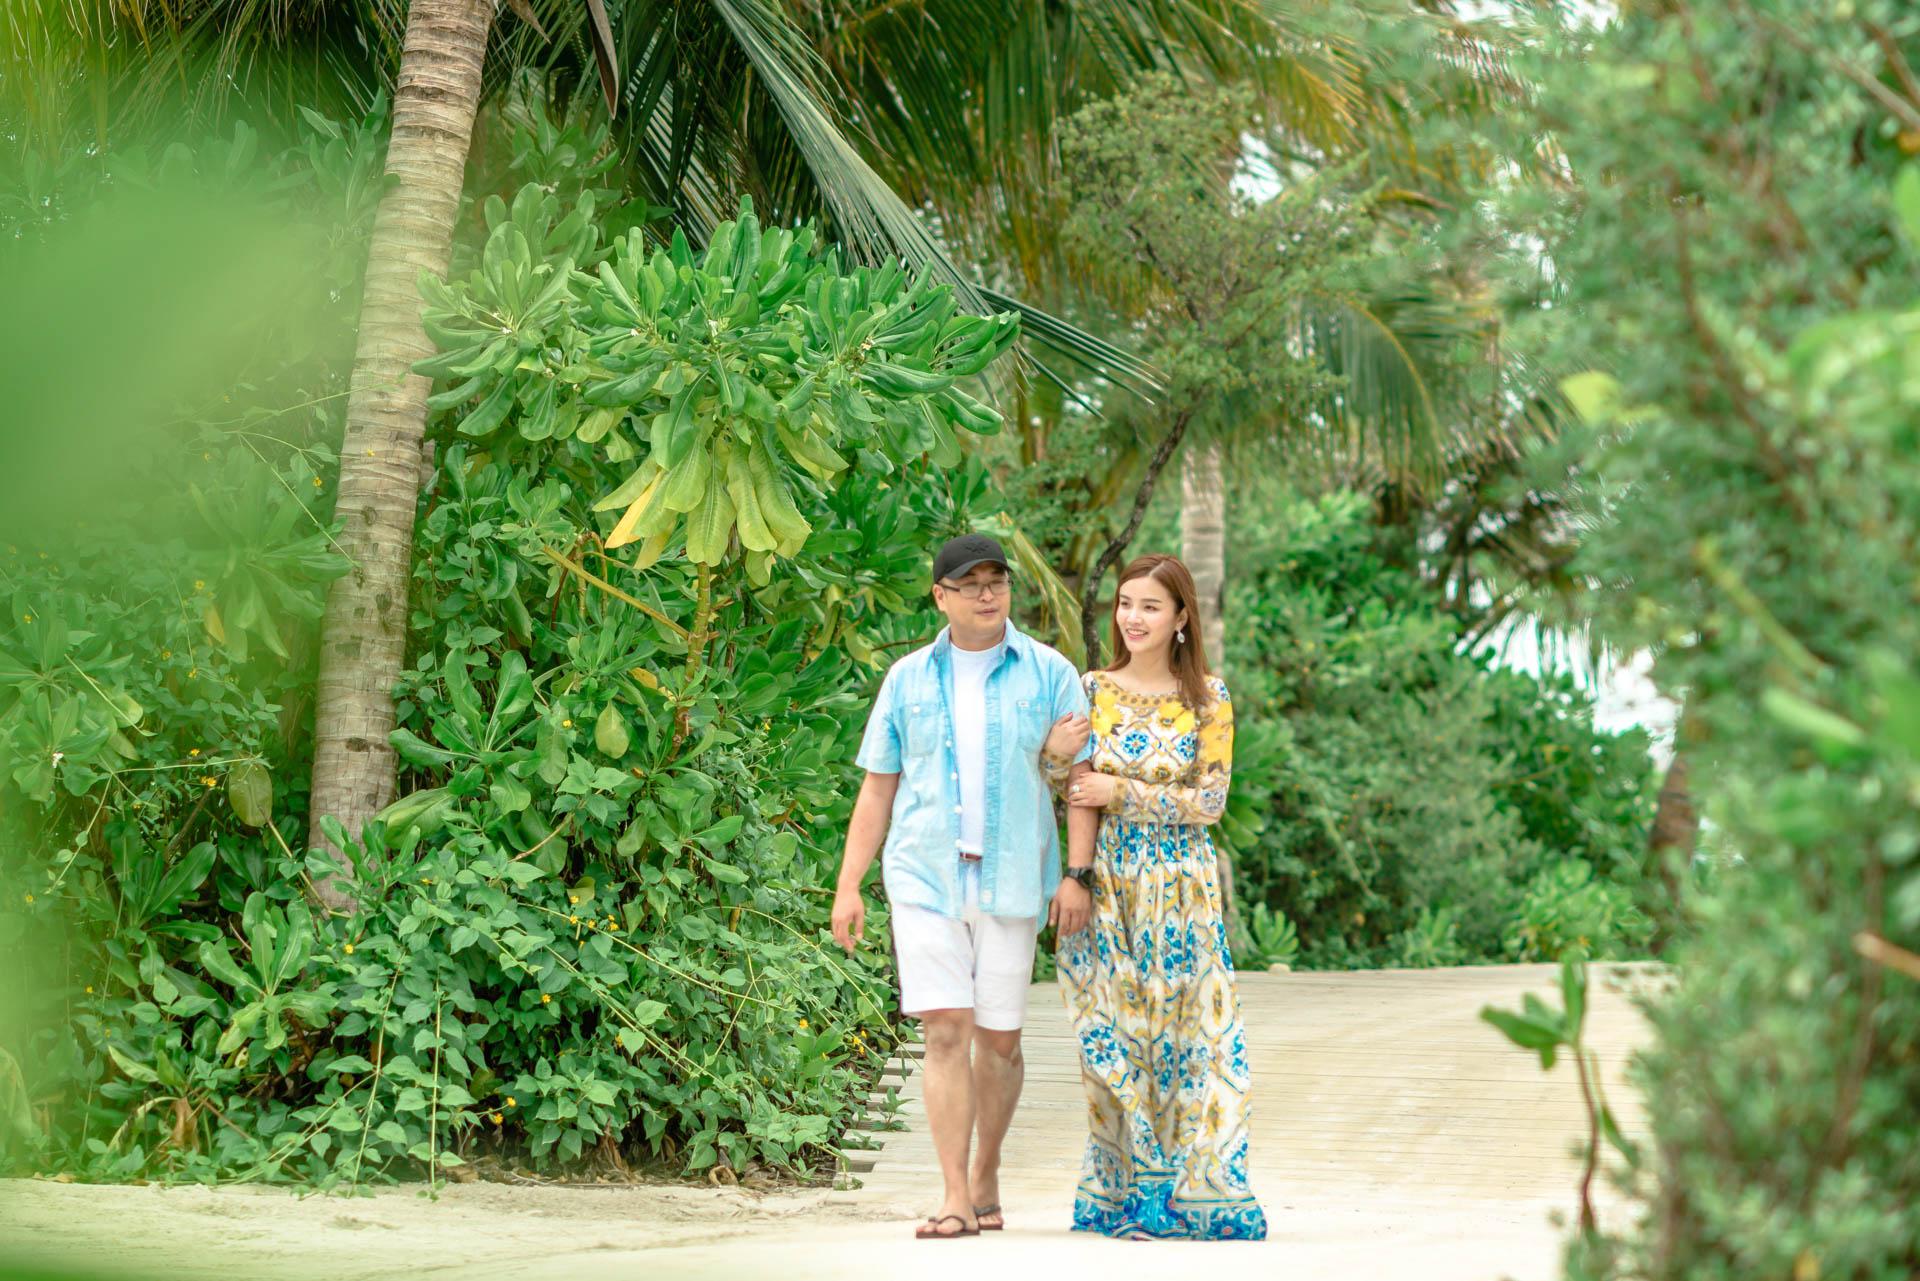 Shiou and Wu at Soneva Jani Couple Solo 3